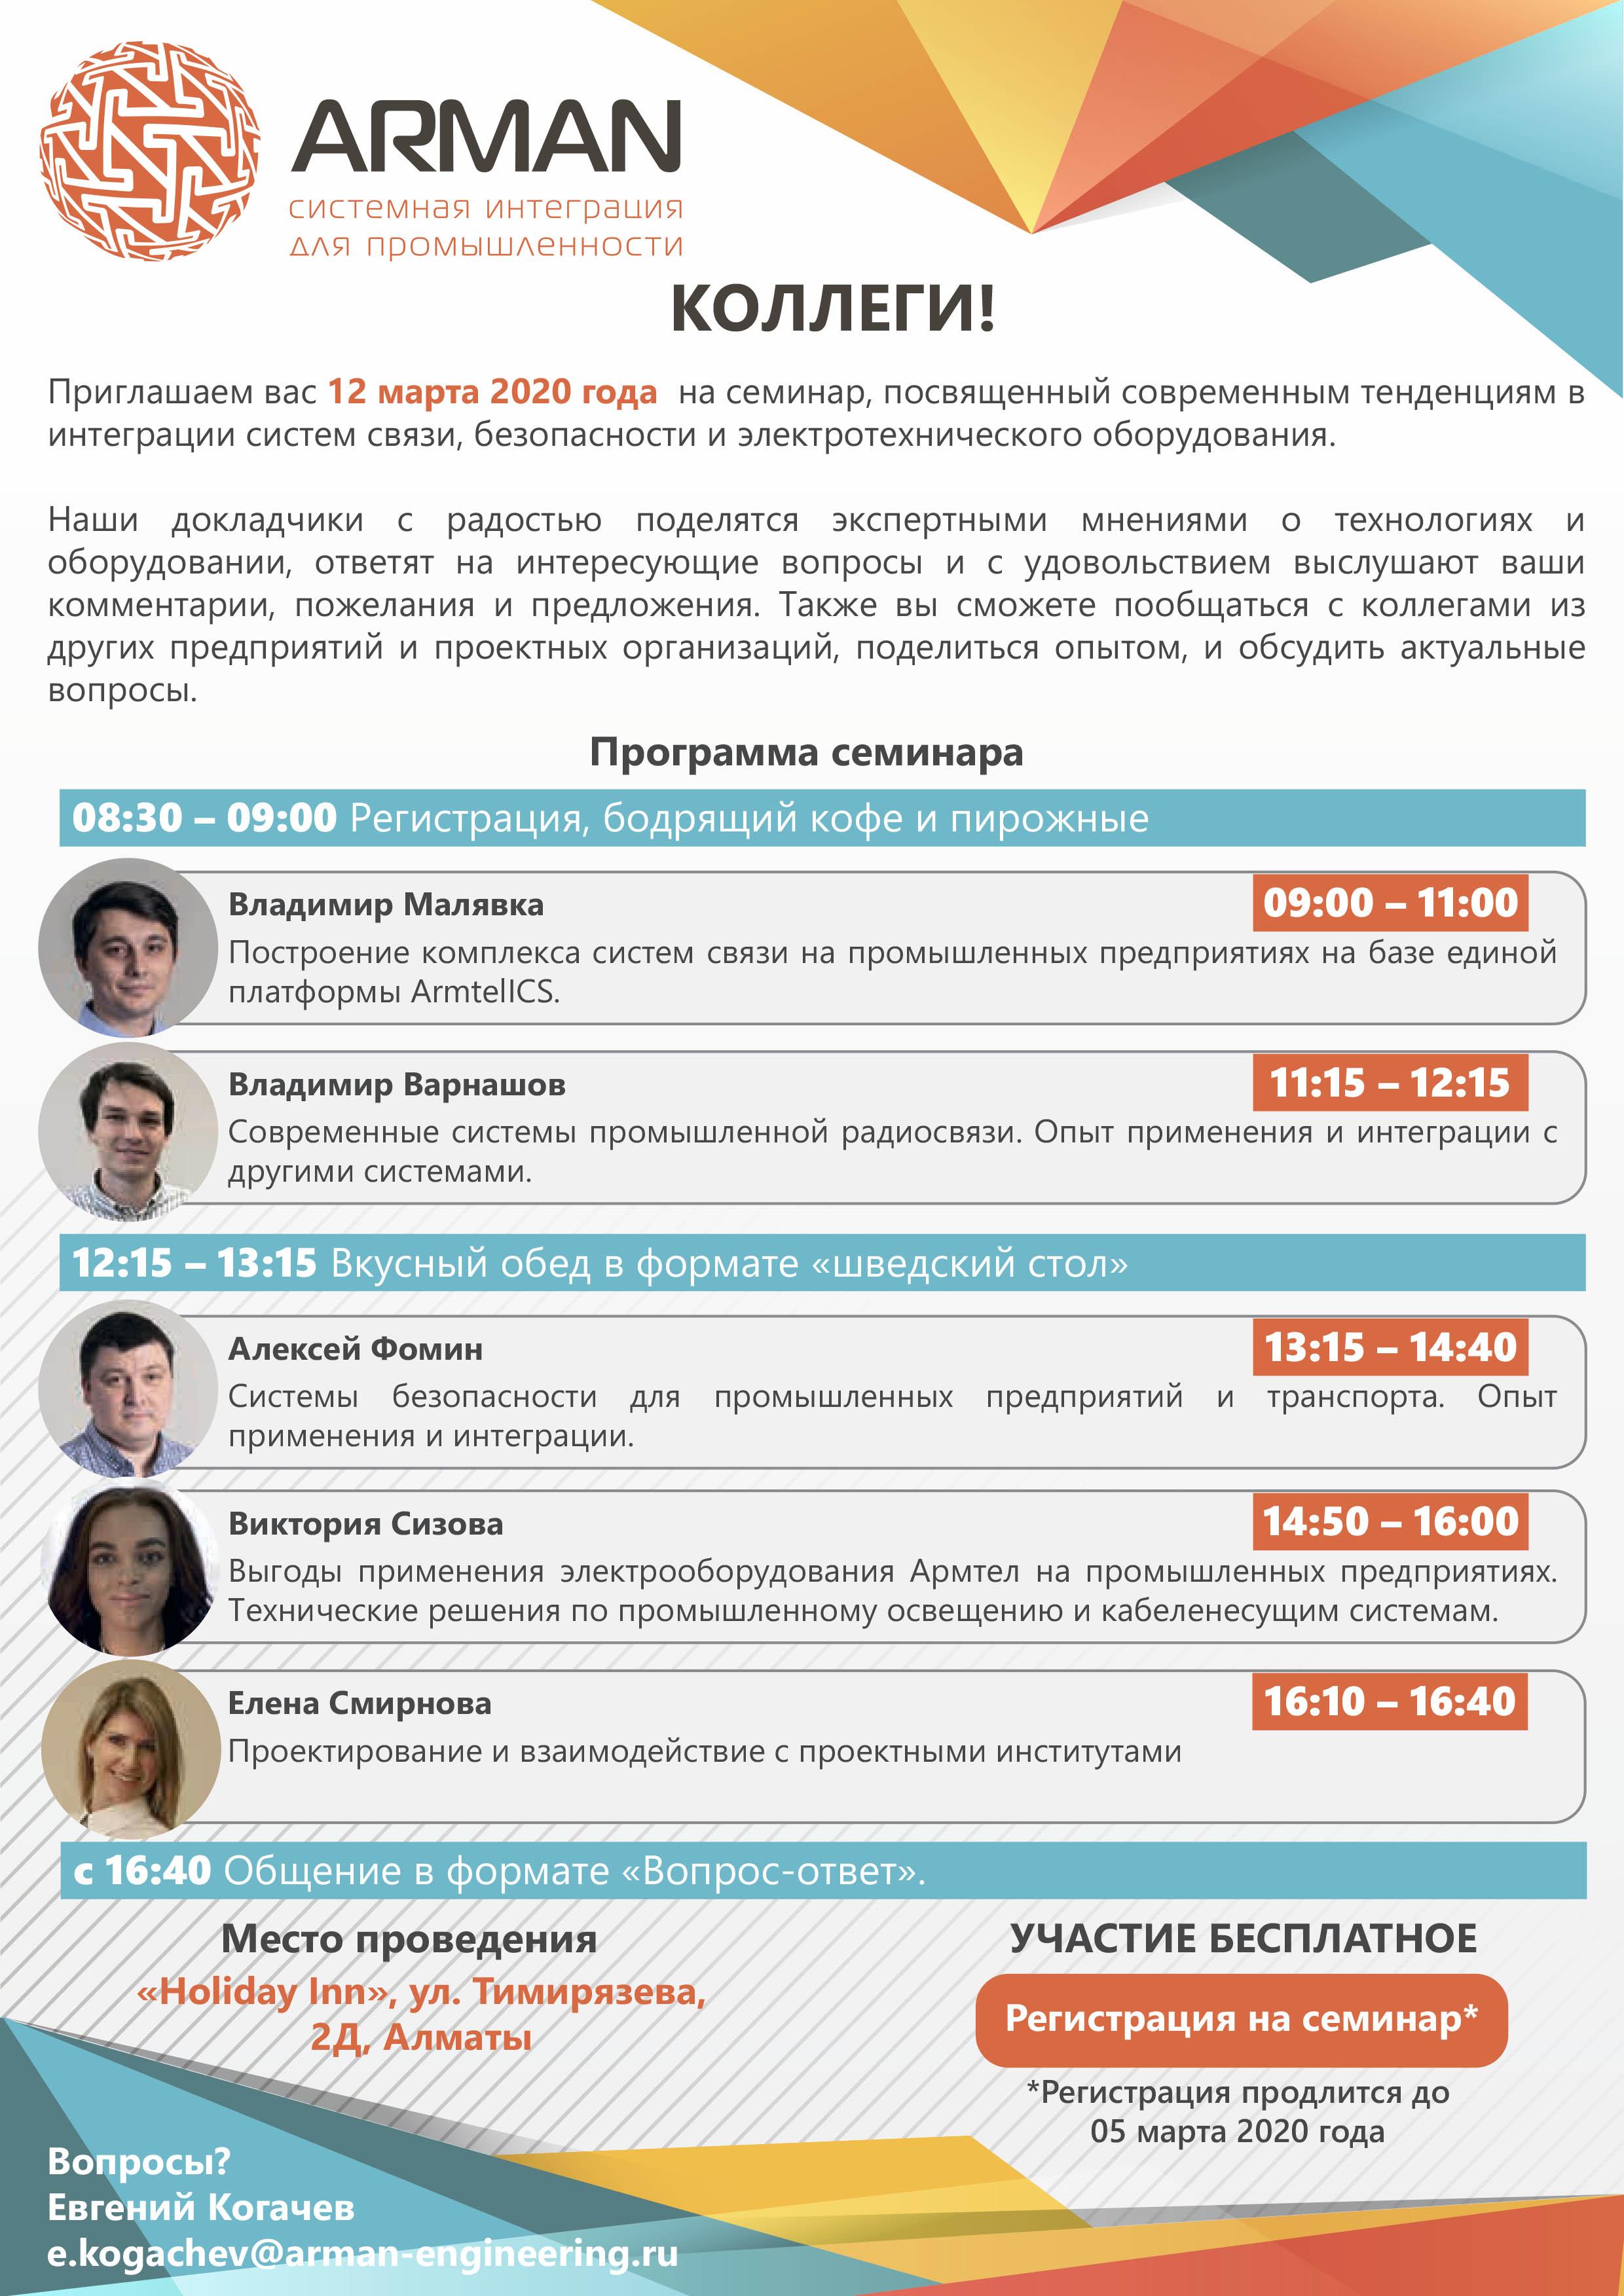 12 марта, Алматы, Семинар «Современные тенденции в интеграции систем связи, безопасности и электротехнического оборудования»